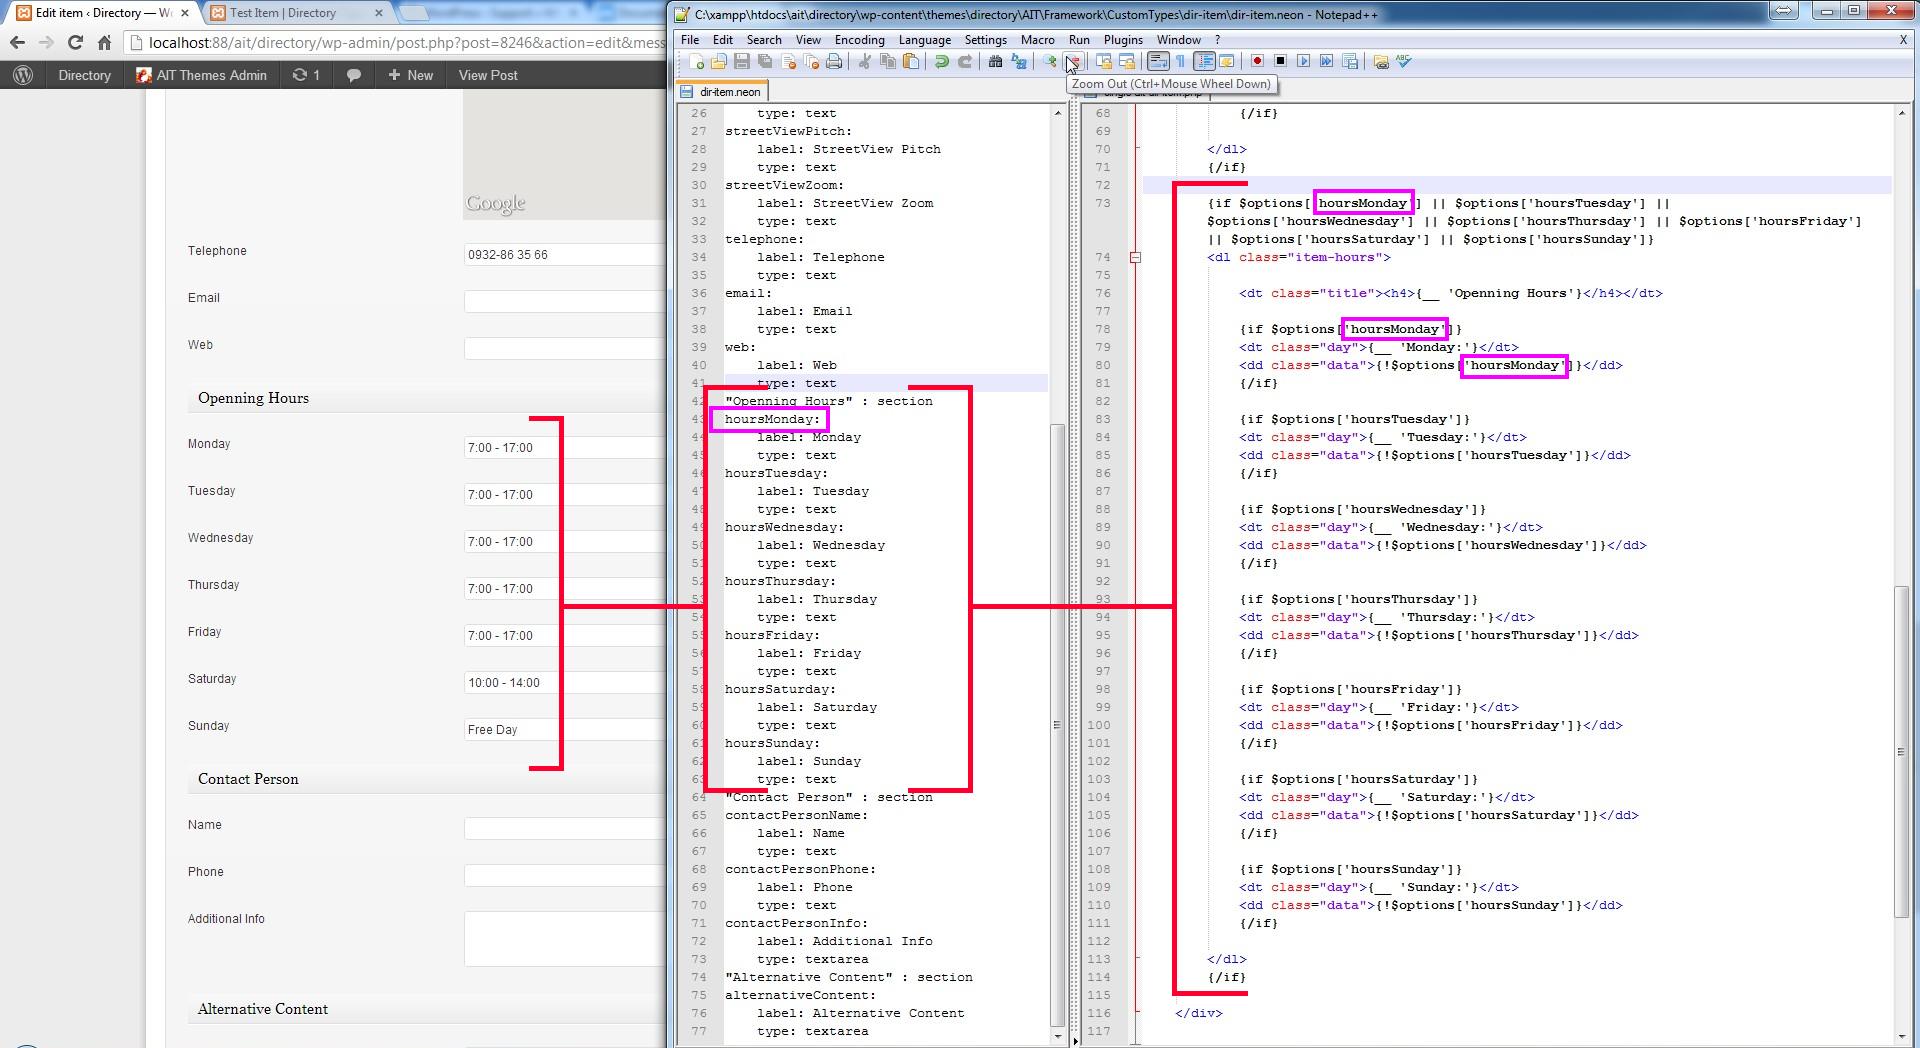 Nette Framework - webový aplikační framework